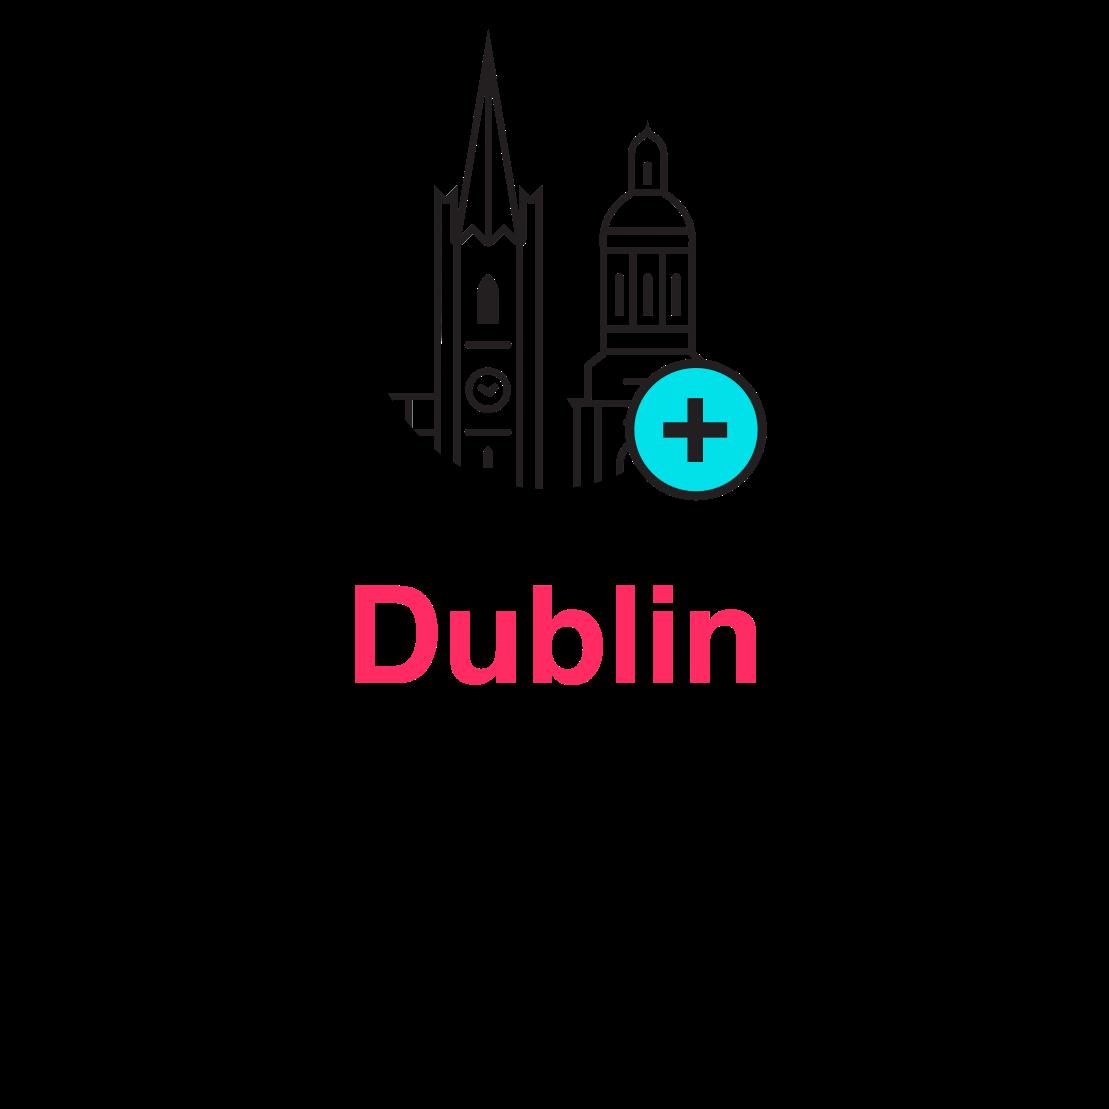 Dublin 11 -1109-1